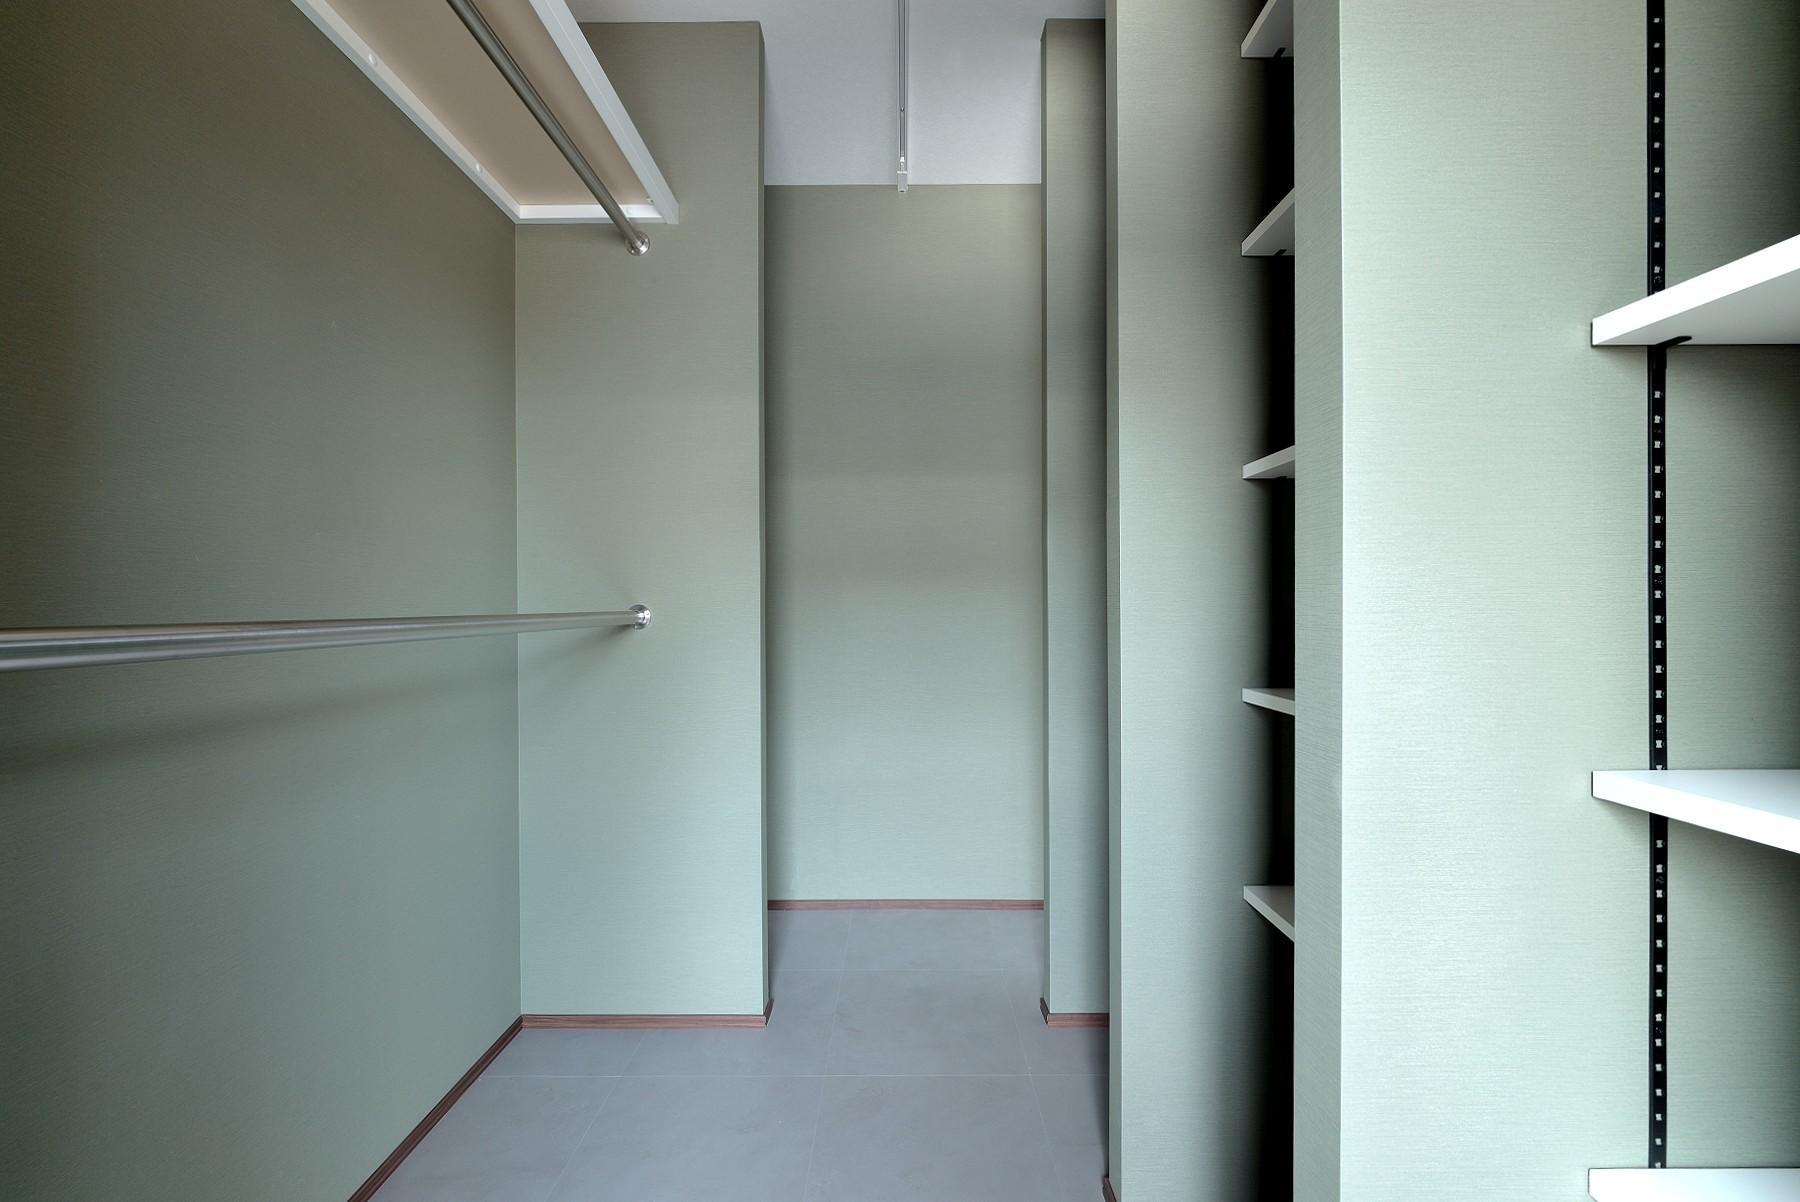 収納事例:ウォークスルークローゼット(モルタル仕上げのキッチン×キャットステップのあるワンストップリノベーション住まい)